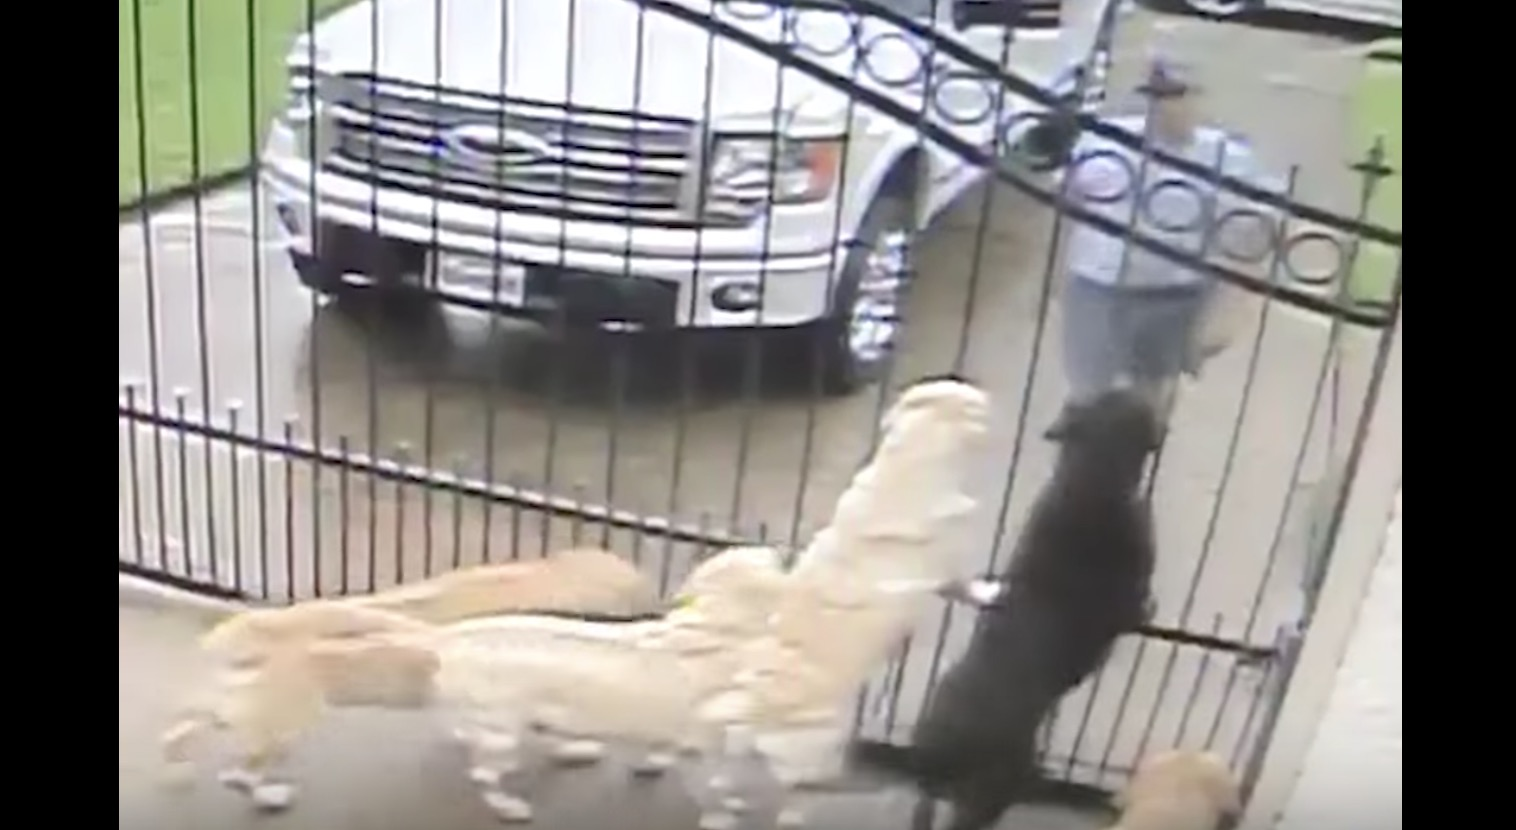 監視カメラで、郵便配達人と自分の家の犬が仲良しなことが判明し話題に!